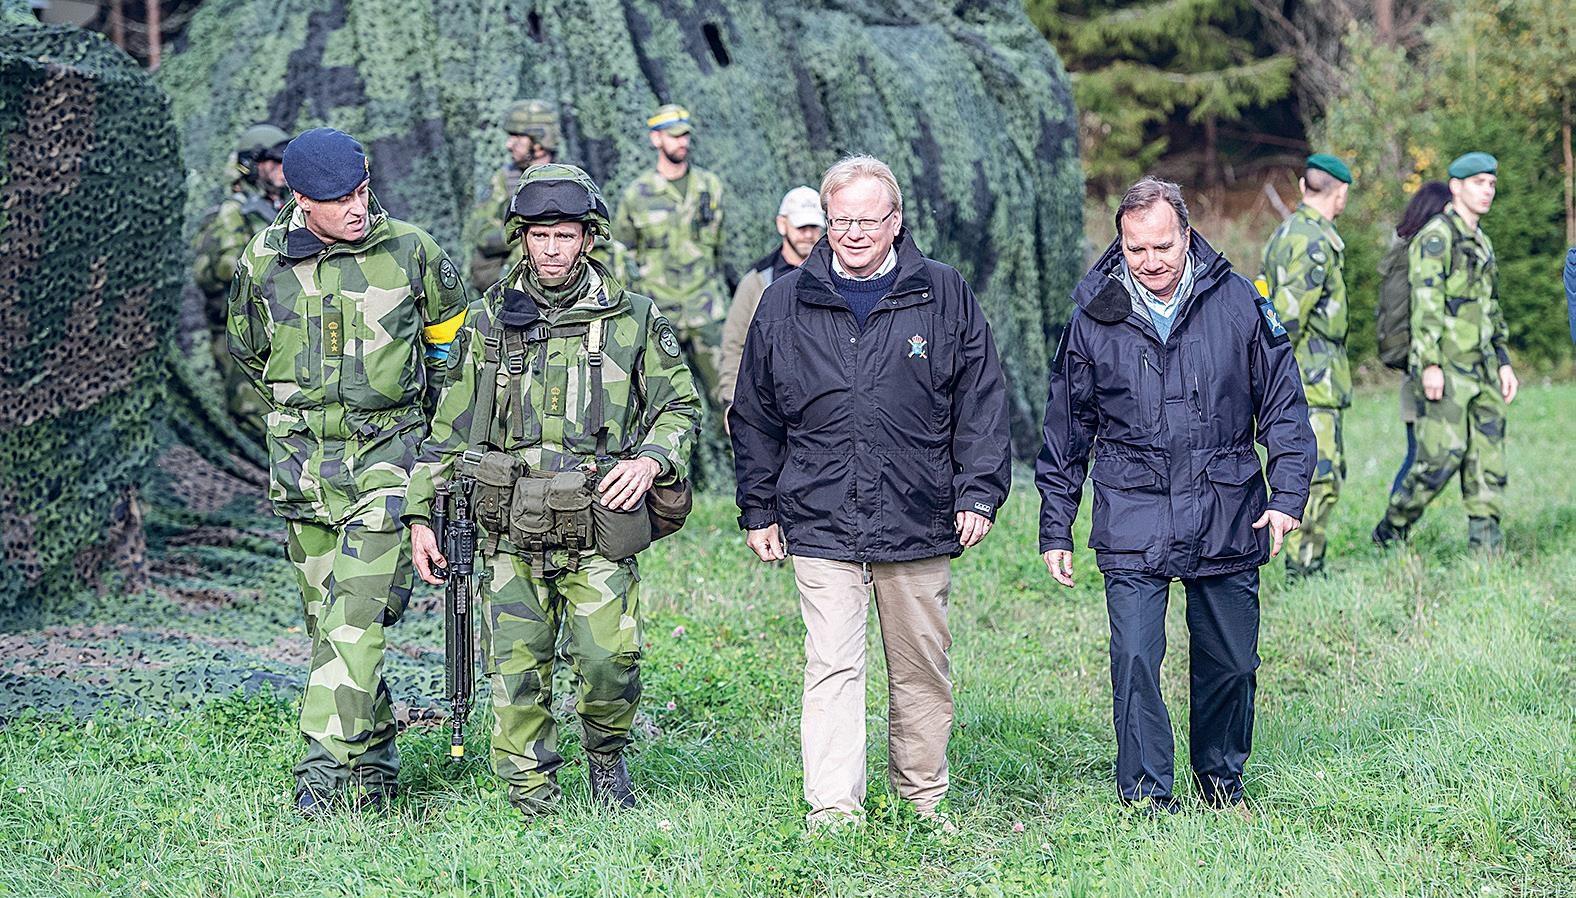 Pääministeri Stefan Löfven (oik.) ja puolustusministeri Peter Hultqvist vierailivat Ruotsin järjestämässä Aurora-sotaharjoituksessa viime syyskuussa. Harjoitukseen osallistui myös kuusi Nato-maata.